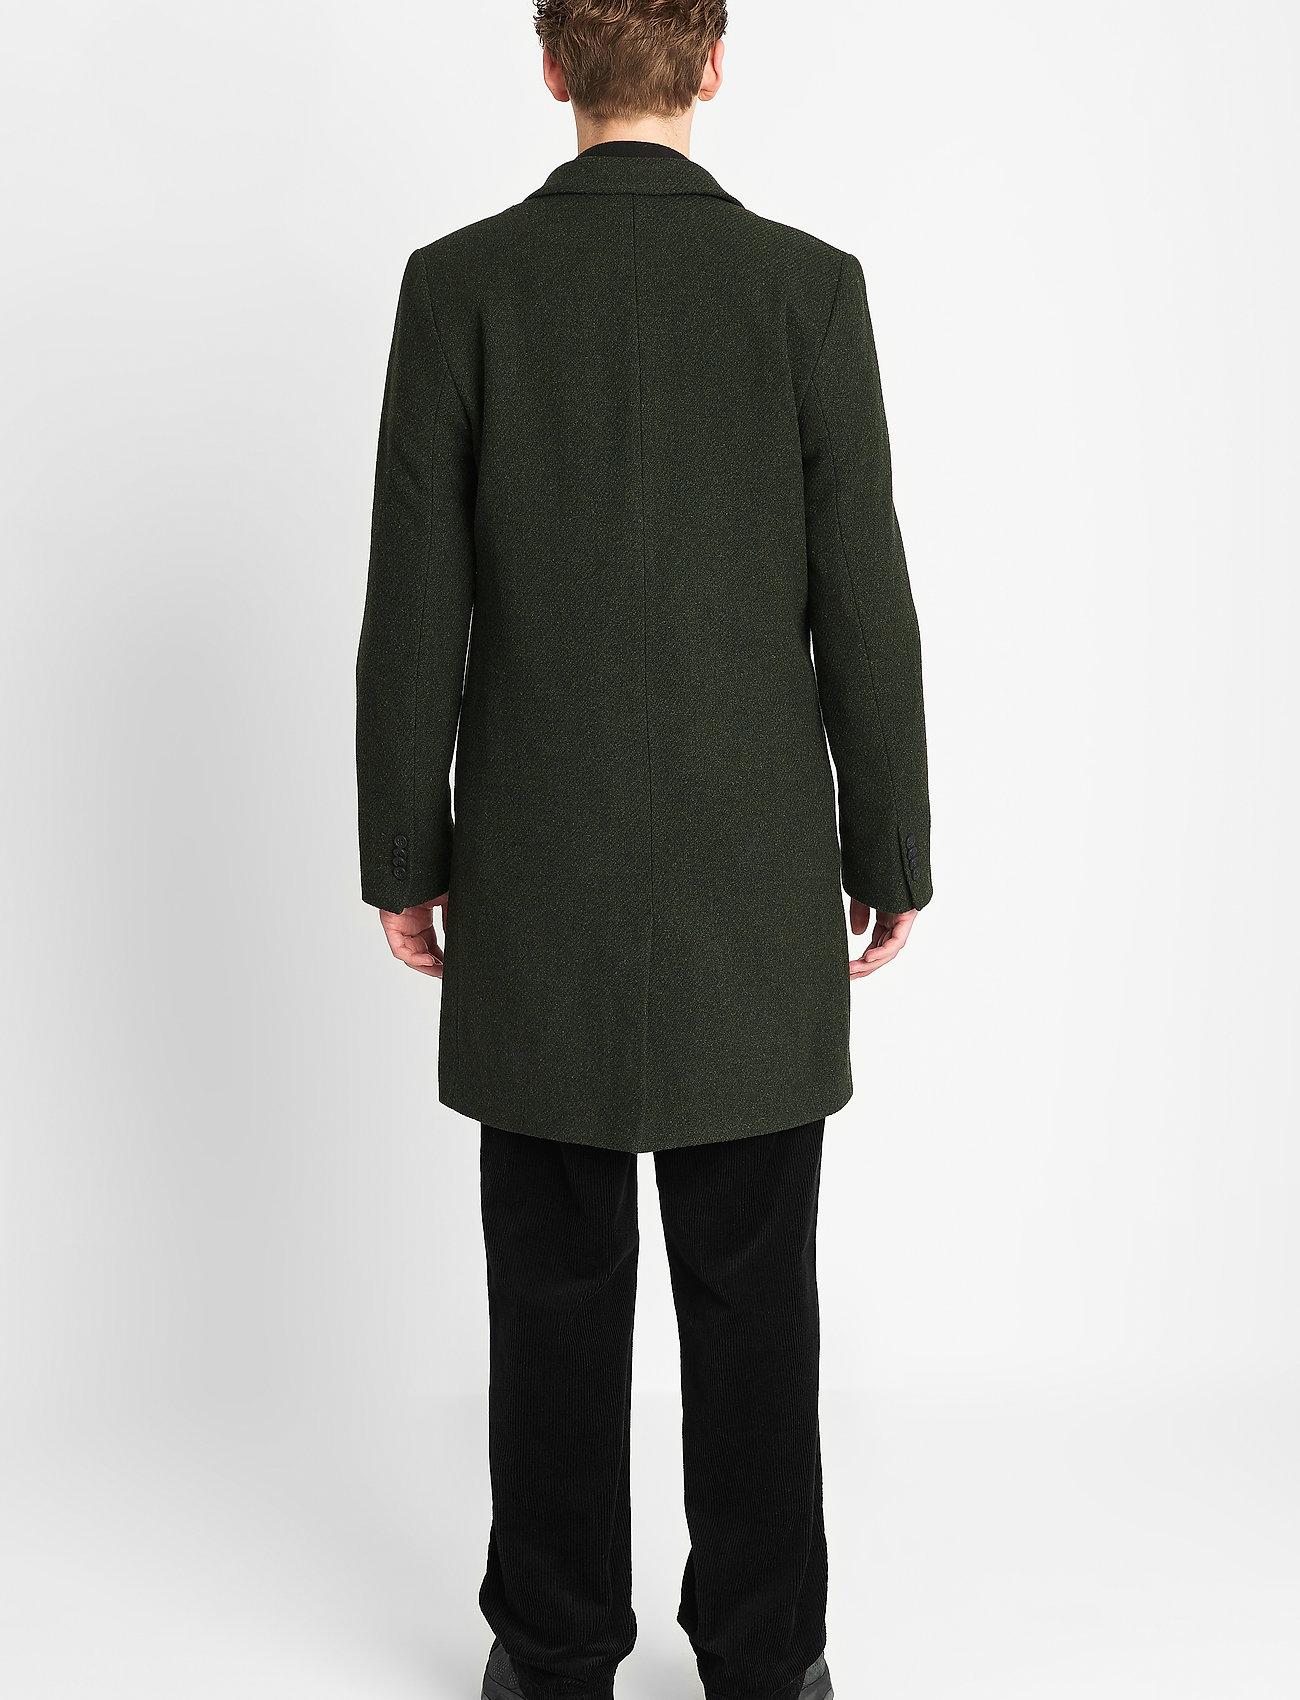 Brixtol Textiles Ian - Jakker og frakker OLIVE - Menn Klær